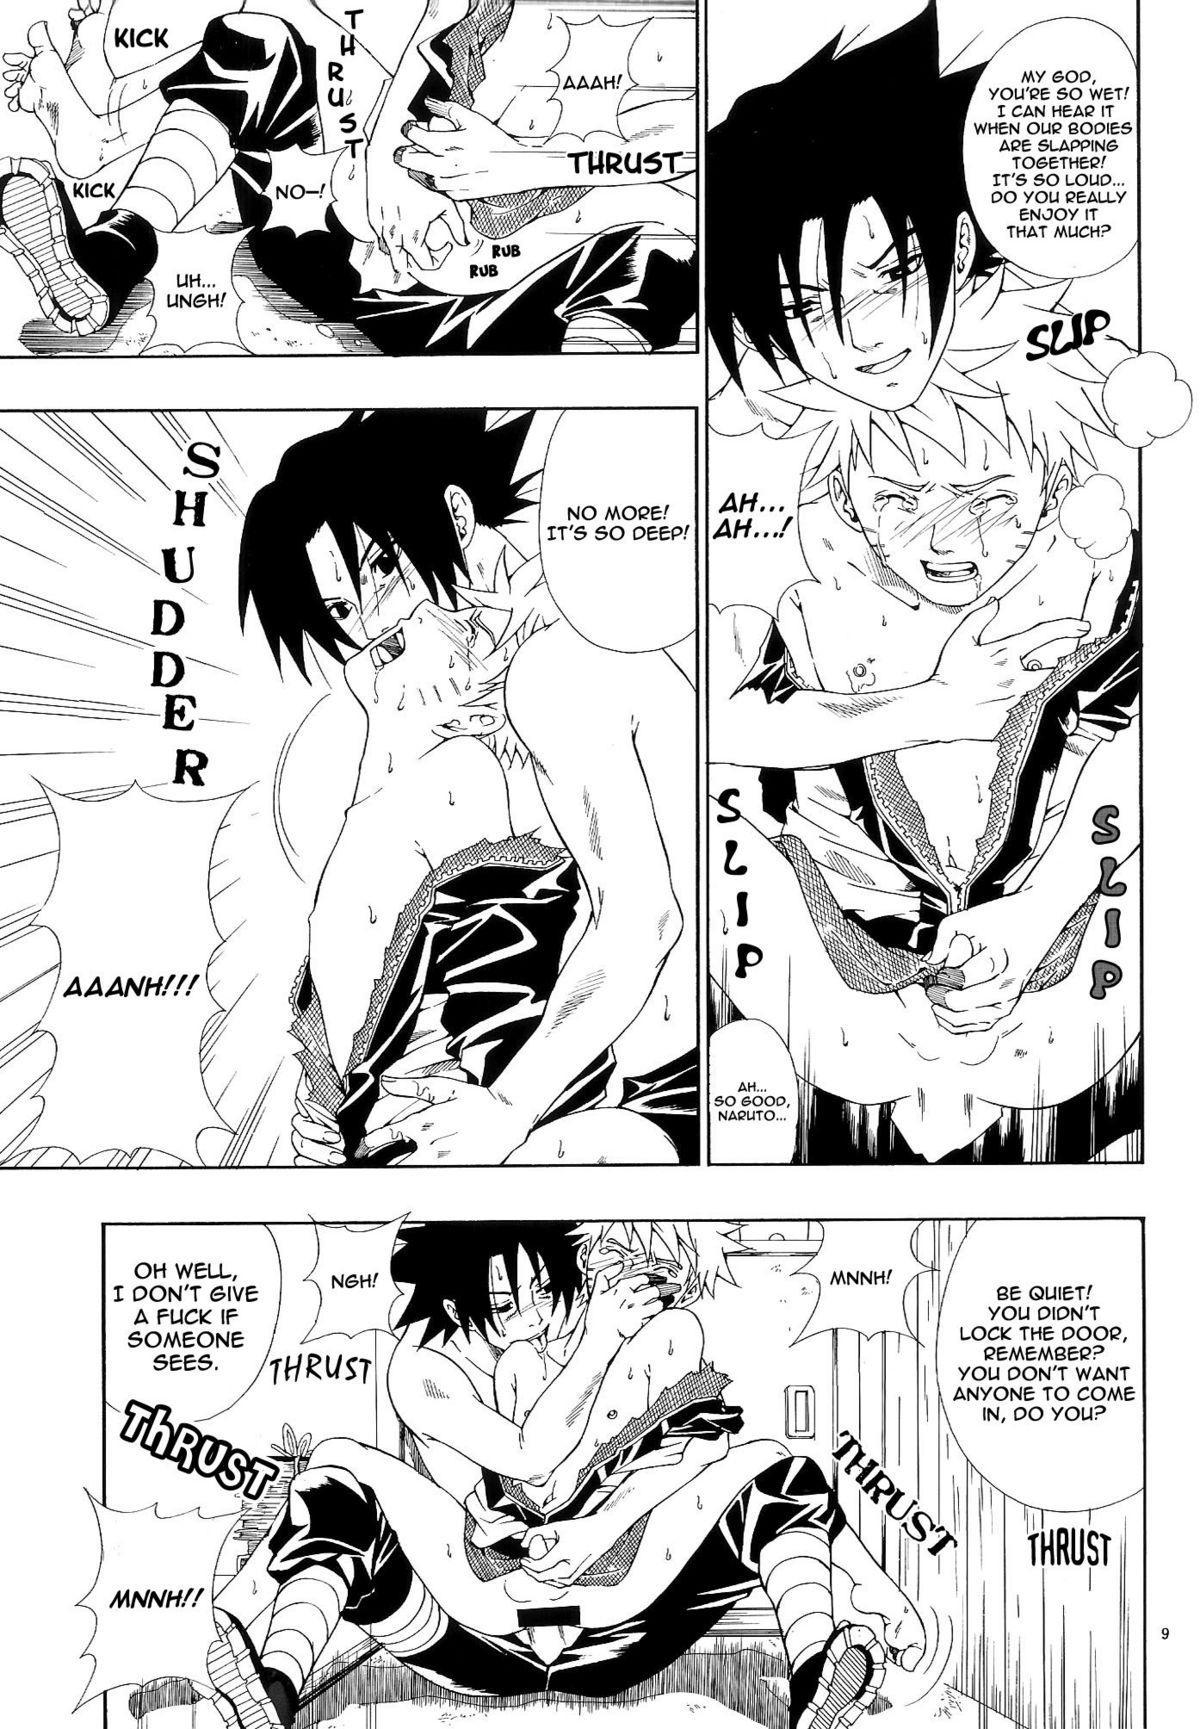 ERO ERO²: Volume 1.5  (NARUTO) [Sasuke X Naruto] YAOI -ENG- 7